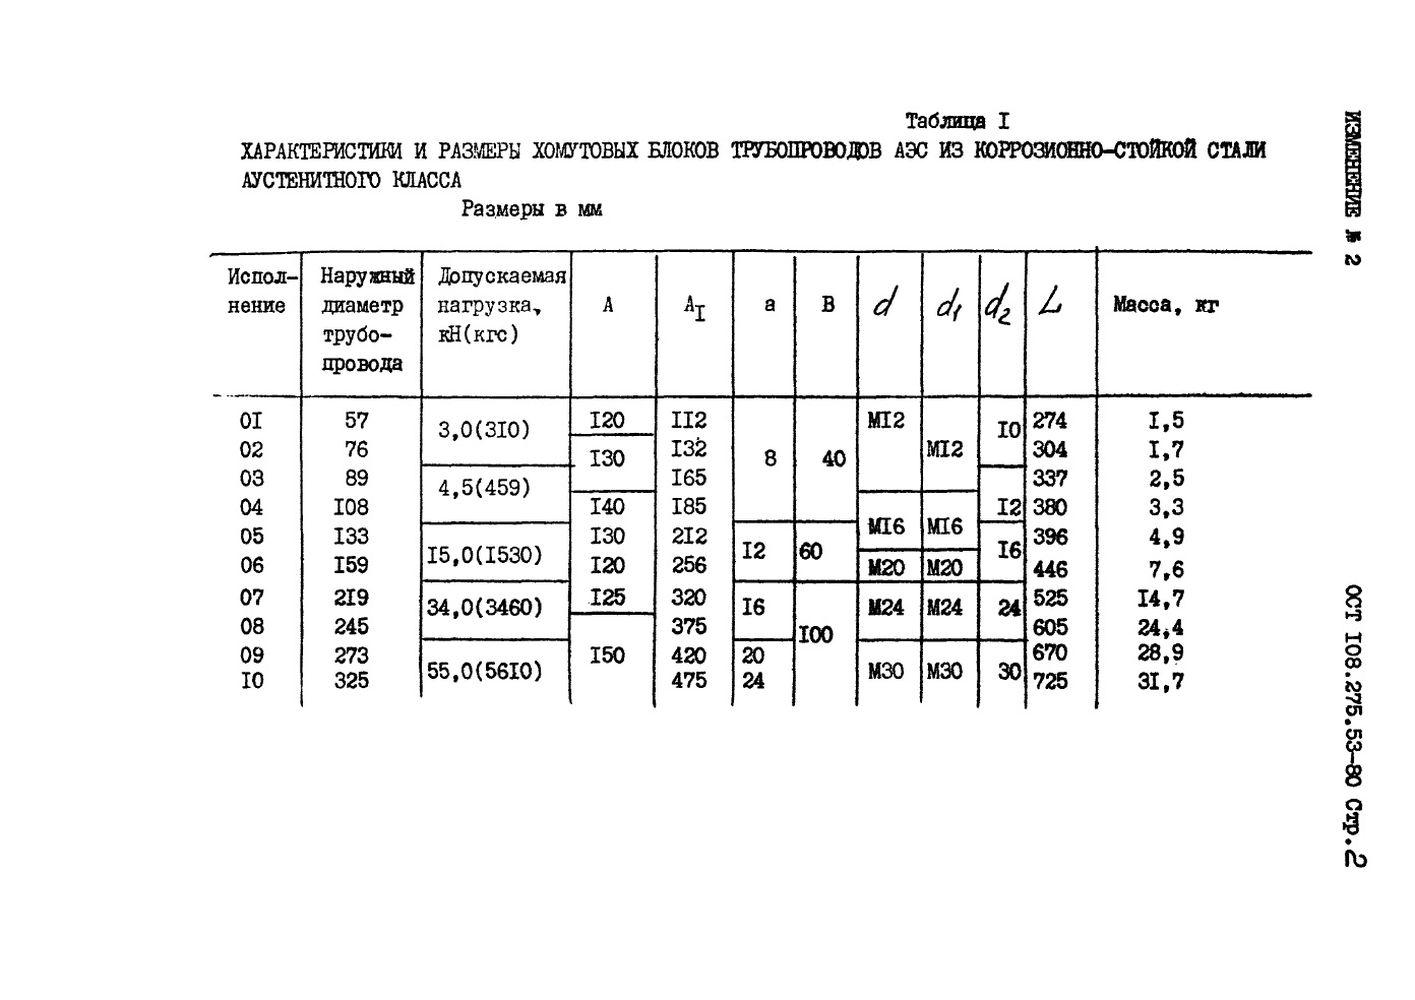 Блоки хомутовые для подвесок горизонтальных трубопроводов ОСТ 108.275.53-80 стр.7